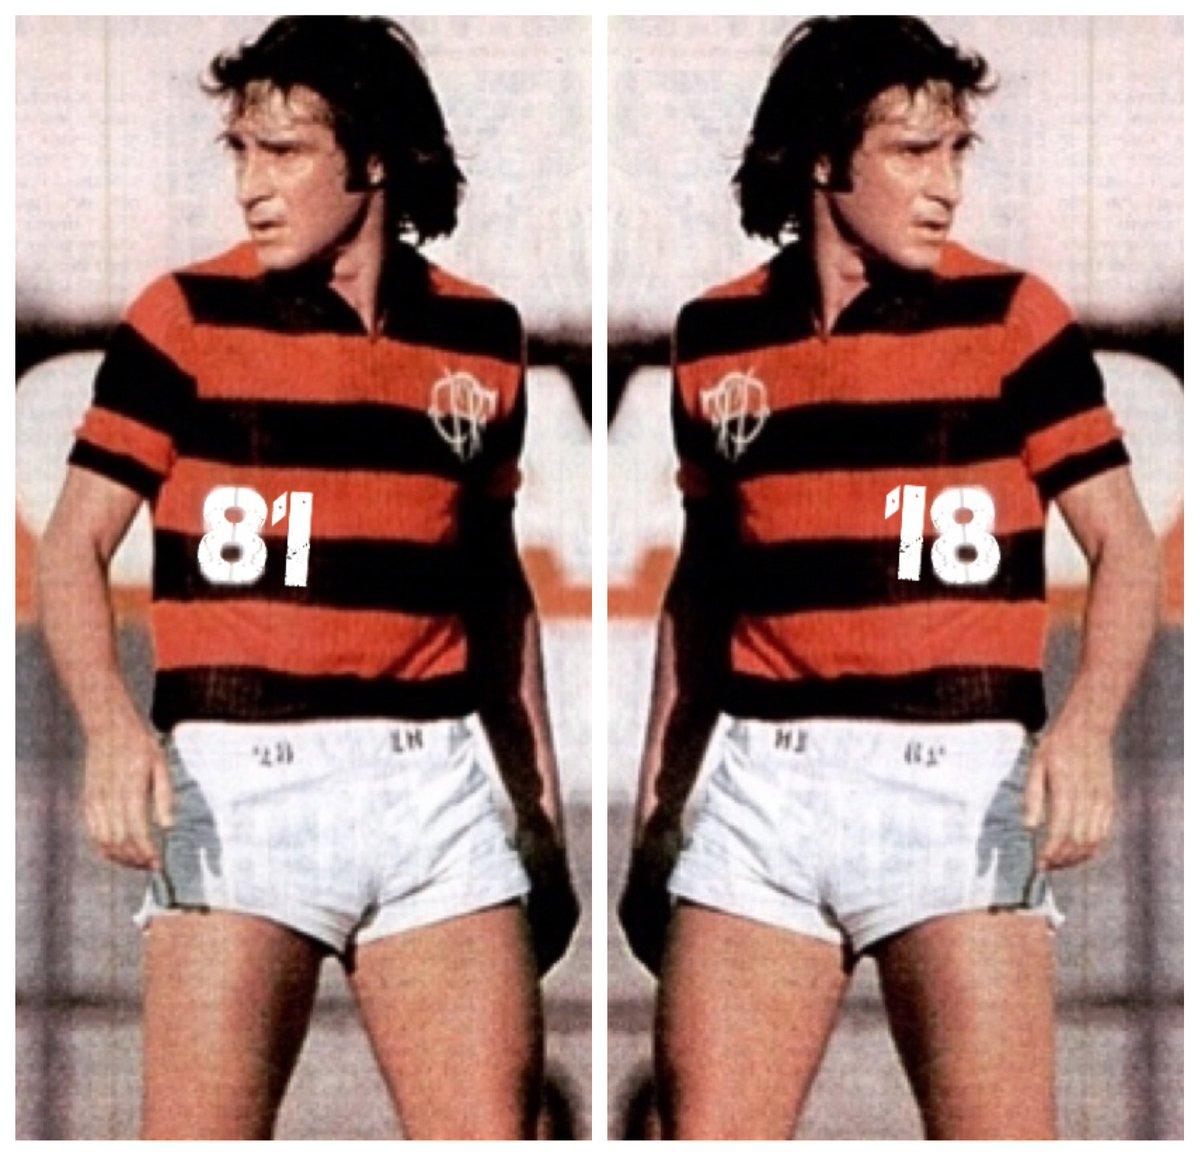 #18éonovo81 #VamosFlamengo #SRN #Carpegiani @Flamengo https://t.co/gEOnoDHIZ9